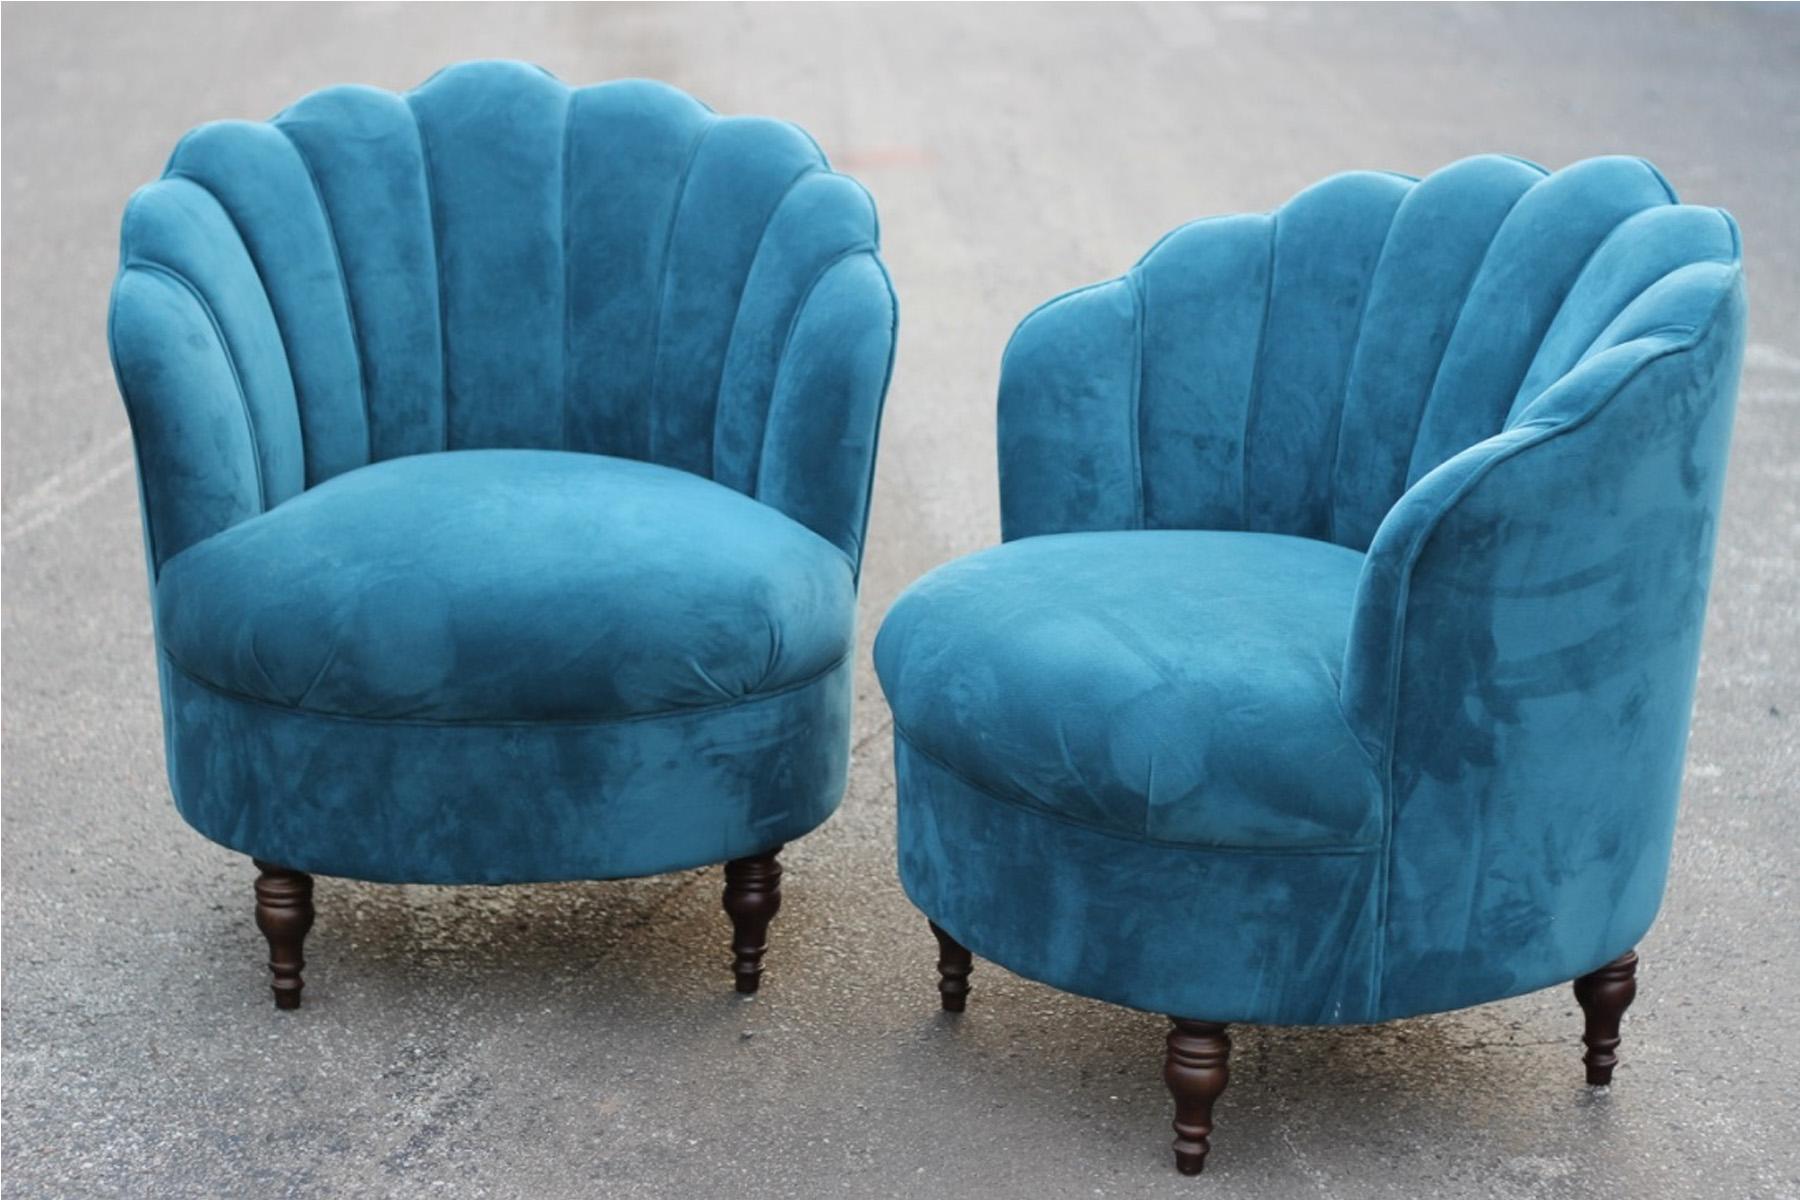 Marilyn Chairs - Scavenged Vintage Rentals.jpg